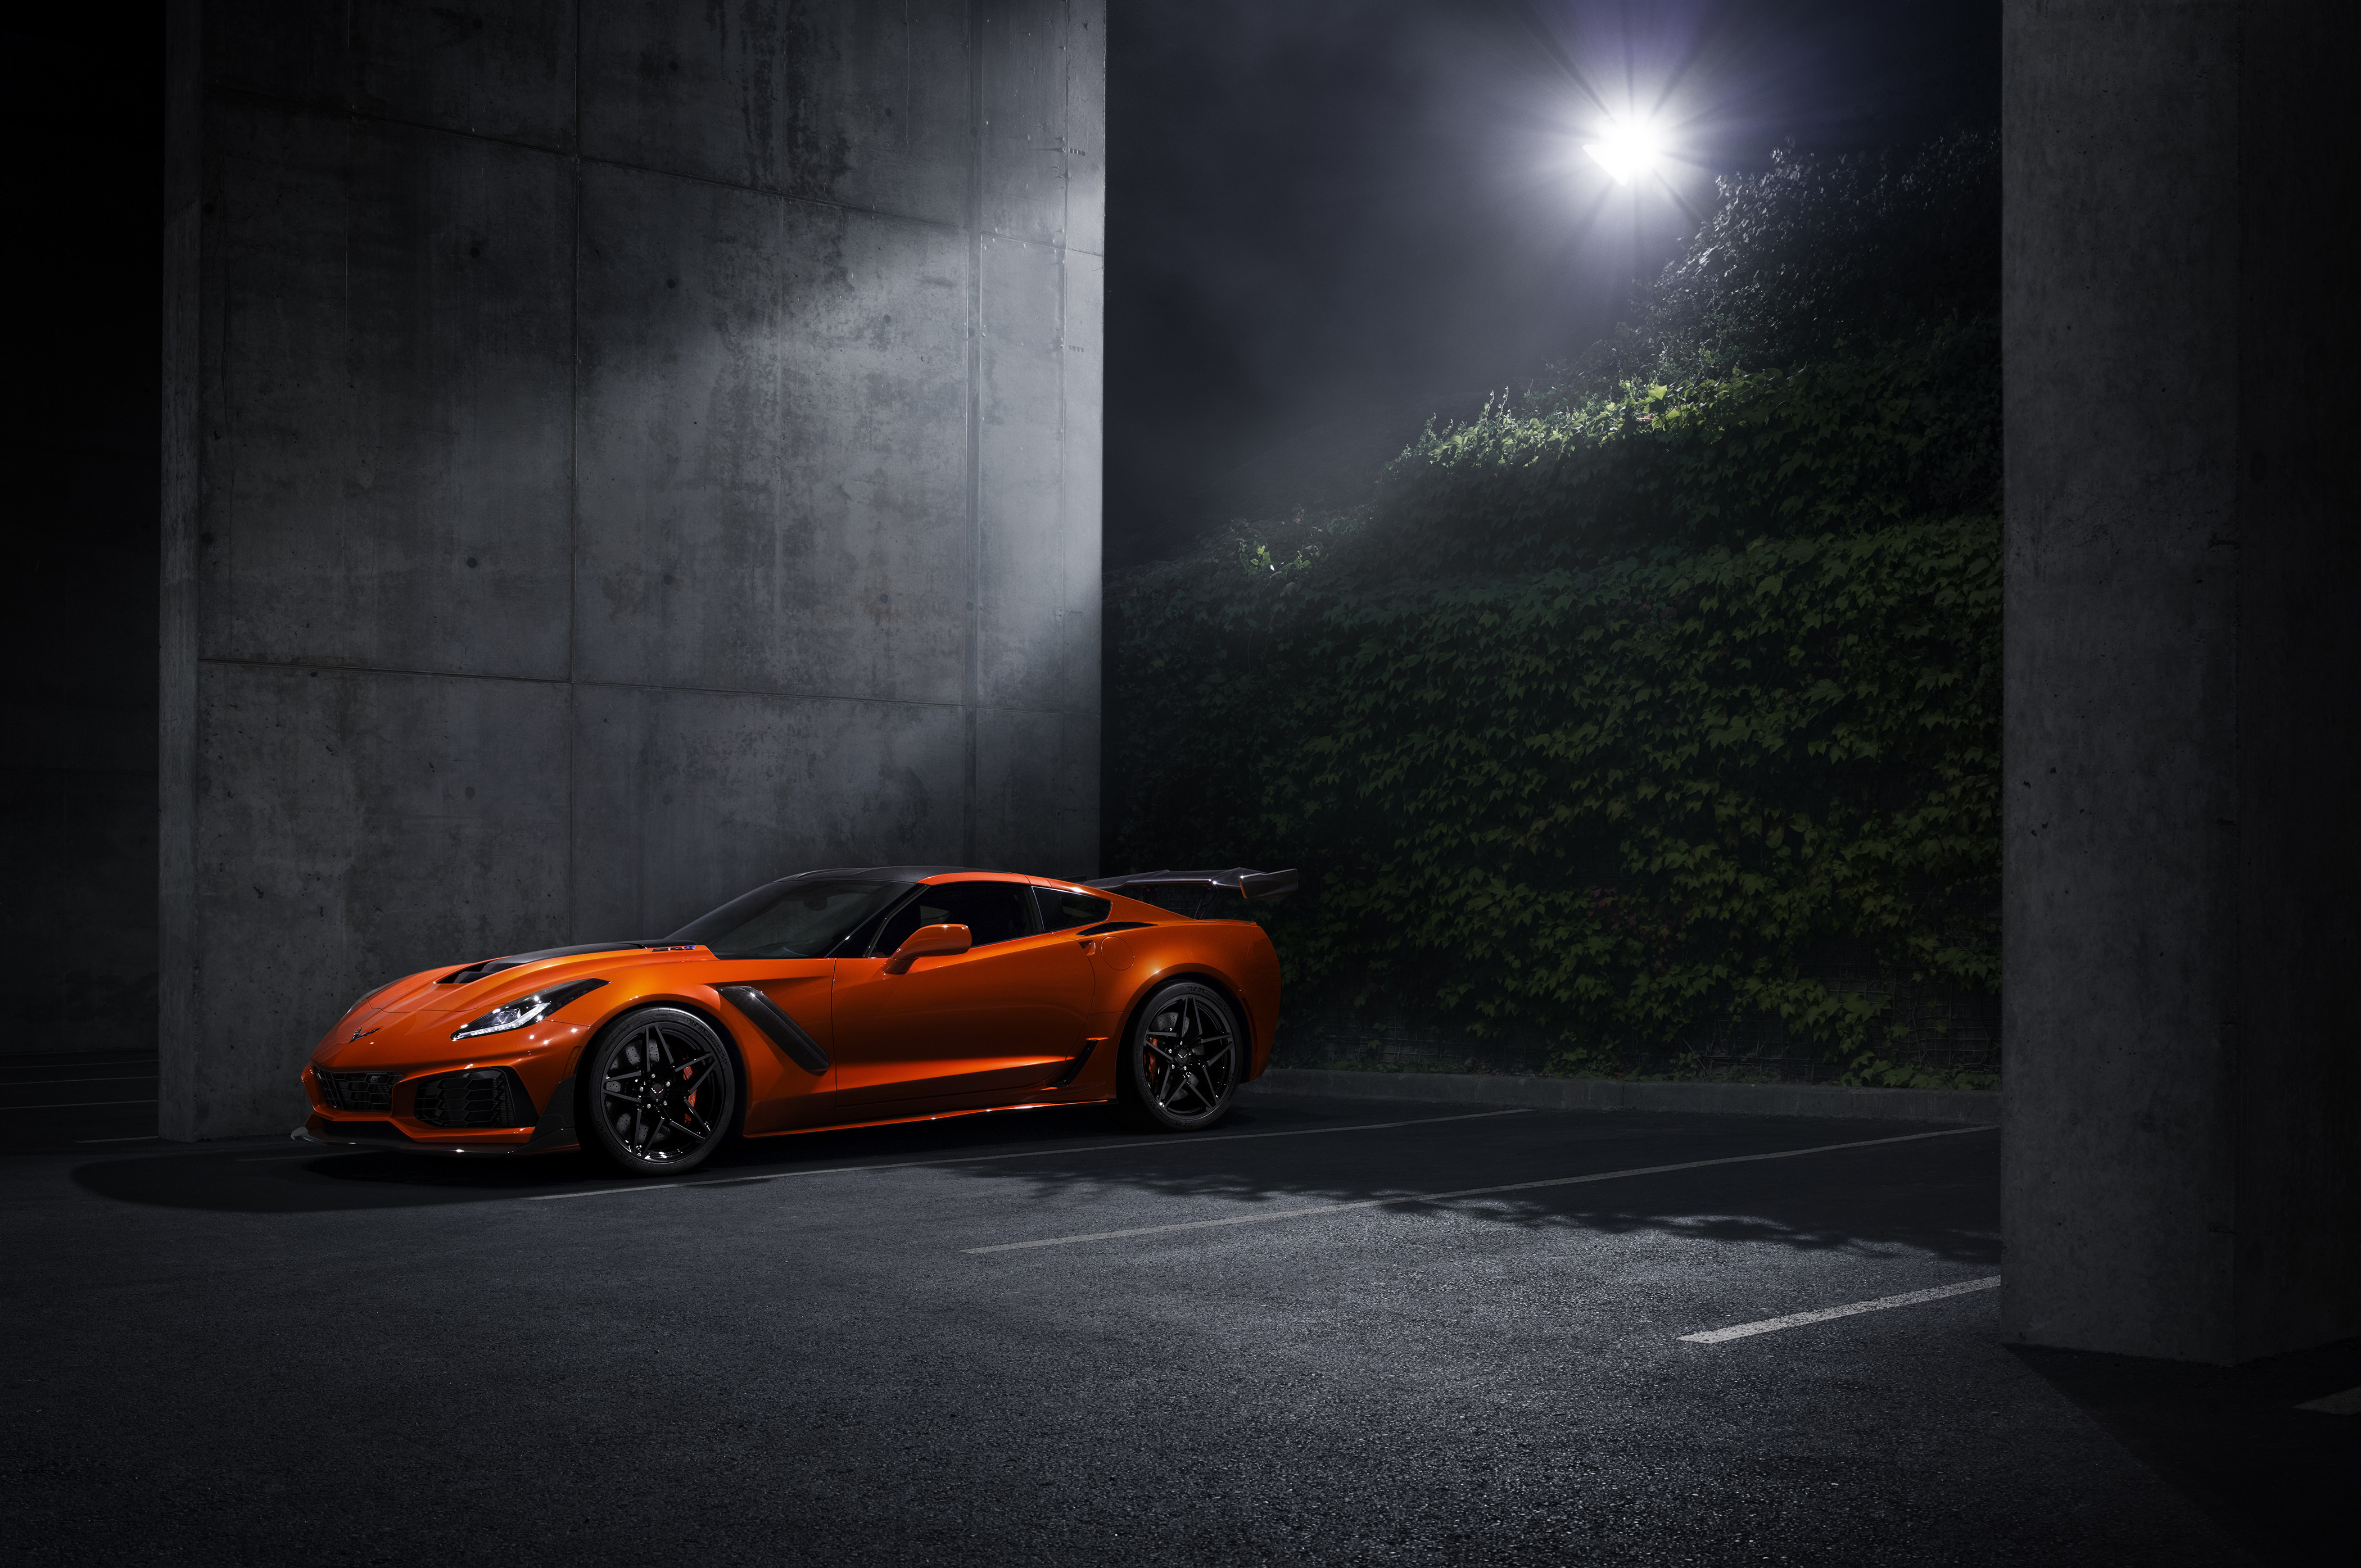 Kekurangan Corvette Zr1 2019 Murah Berkualitas